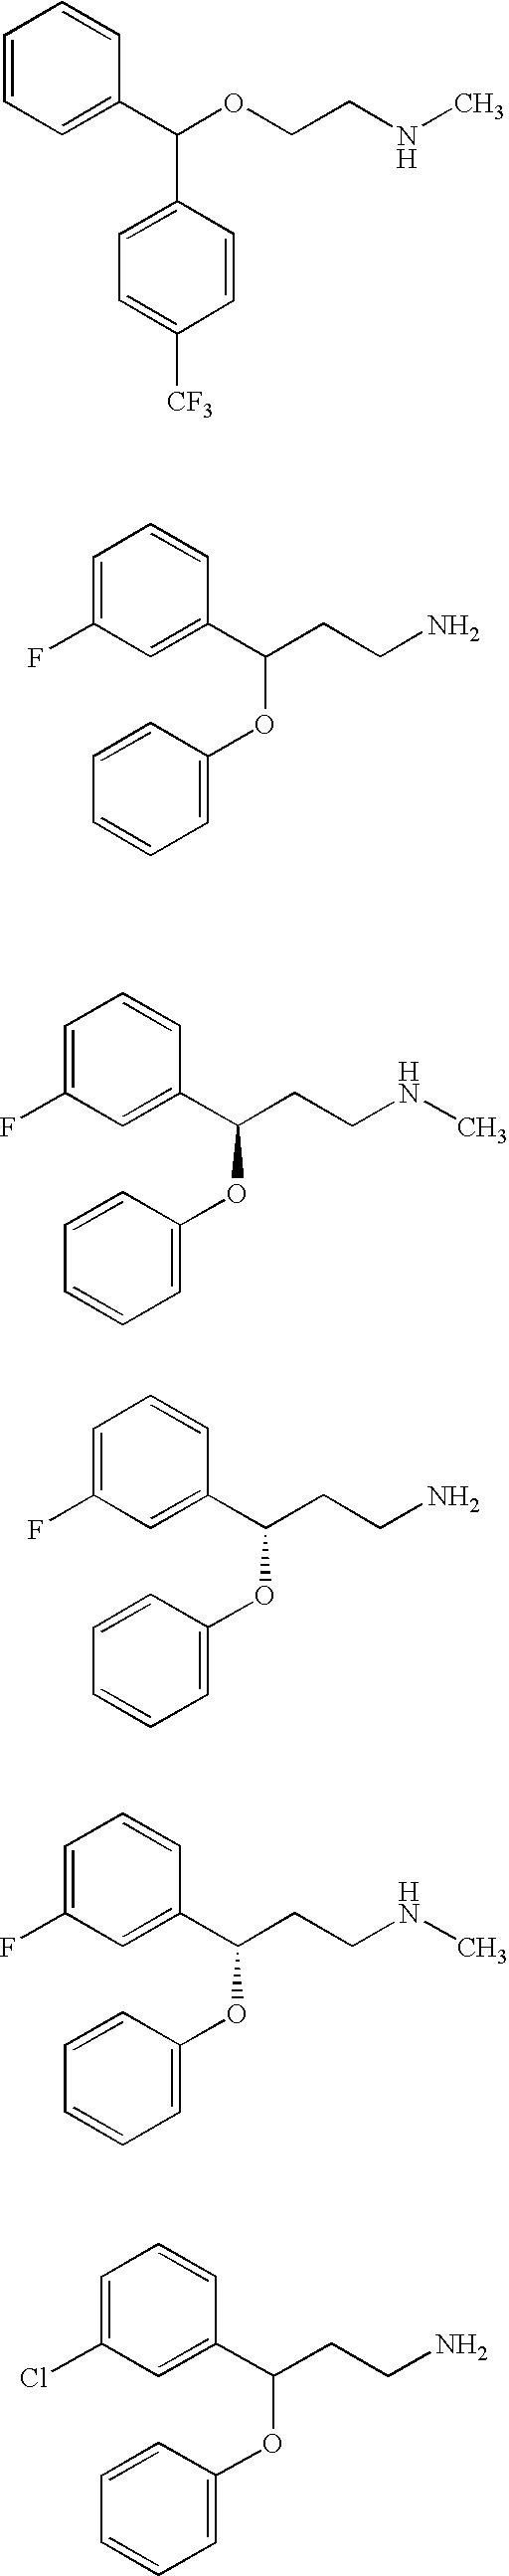 Figure US20050282859A1-20051222-C00032